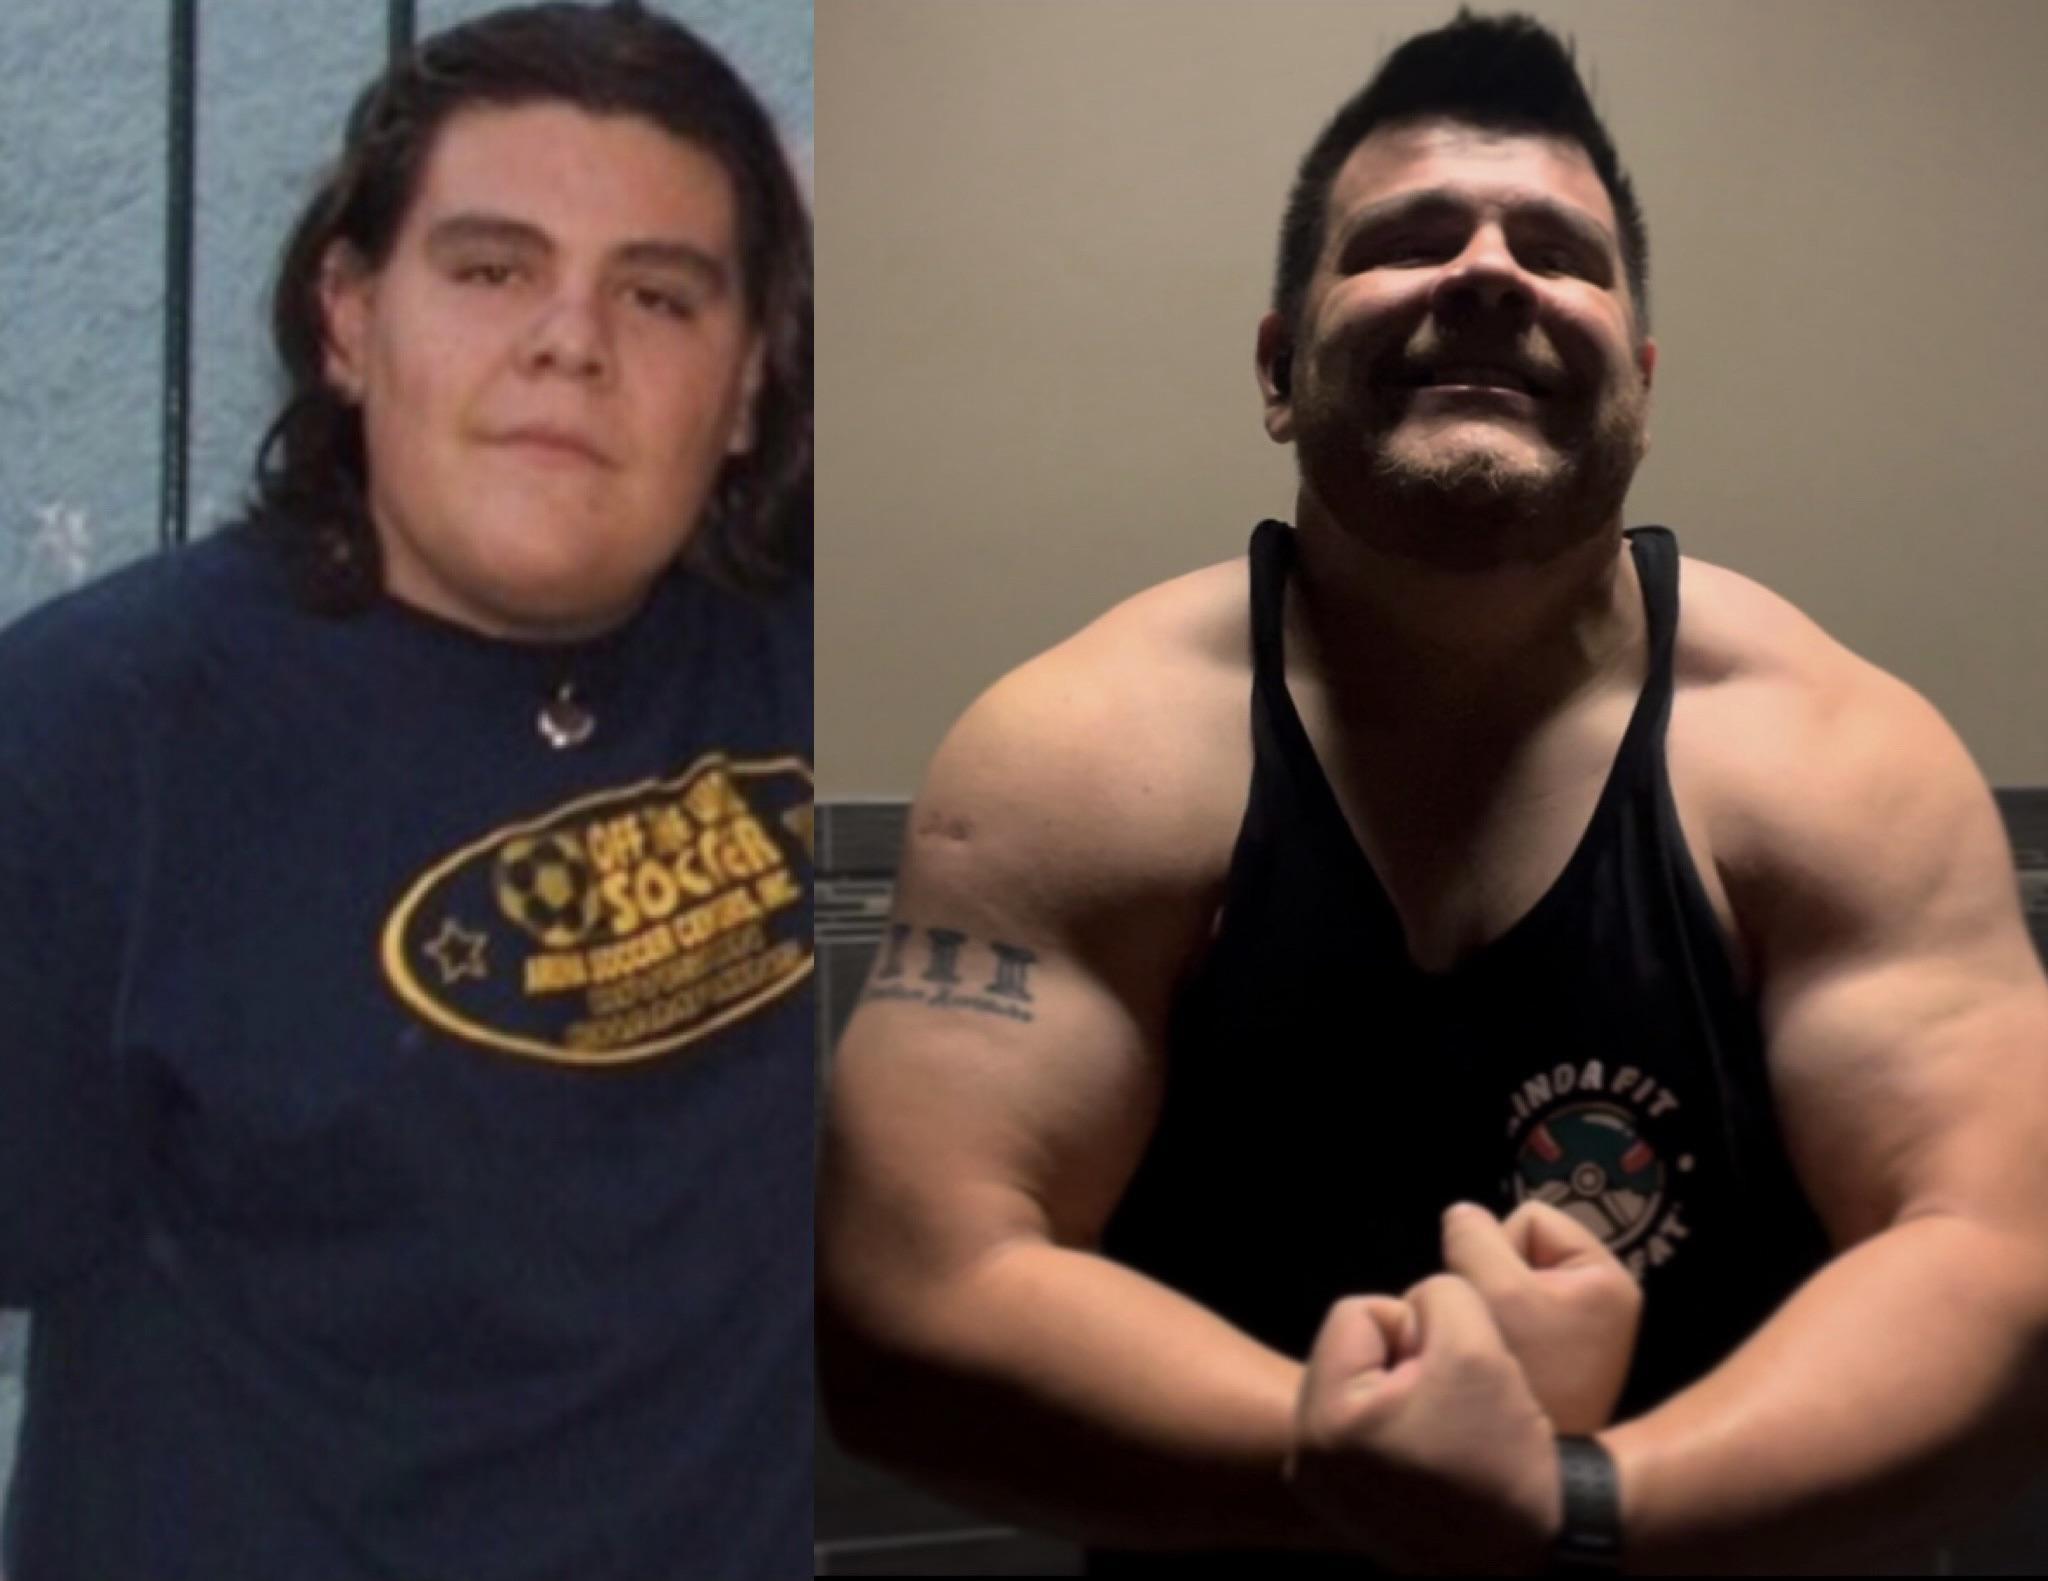 5 foot 9 Male Progress Pics of 150 lbs Fat Loss 400 lbs to 250 lbs